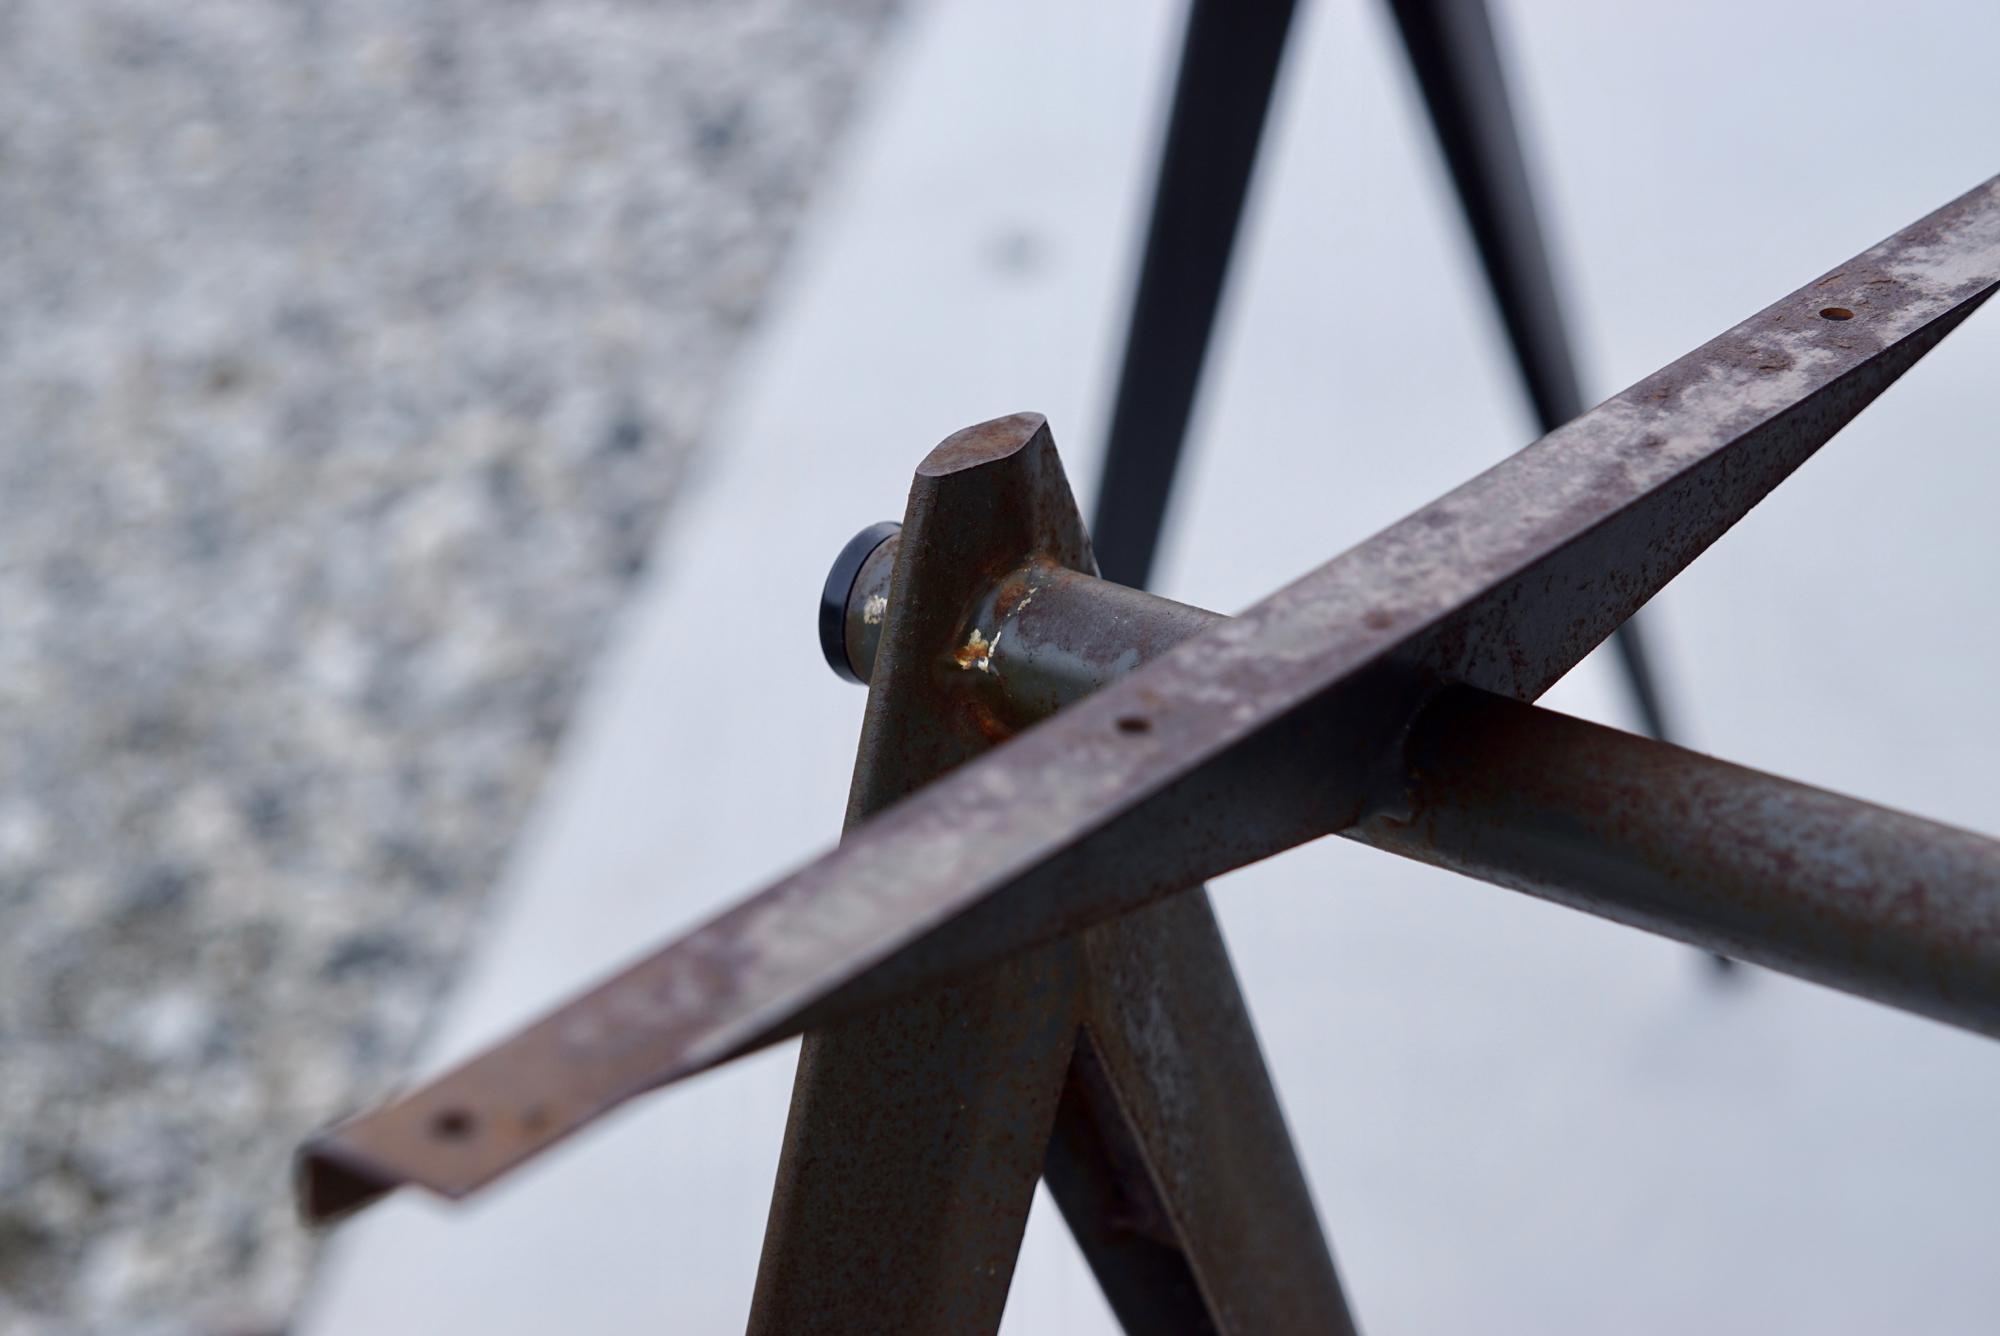 004_008A インダストリアル コンパステーブル - 33